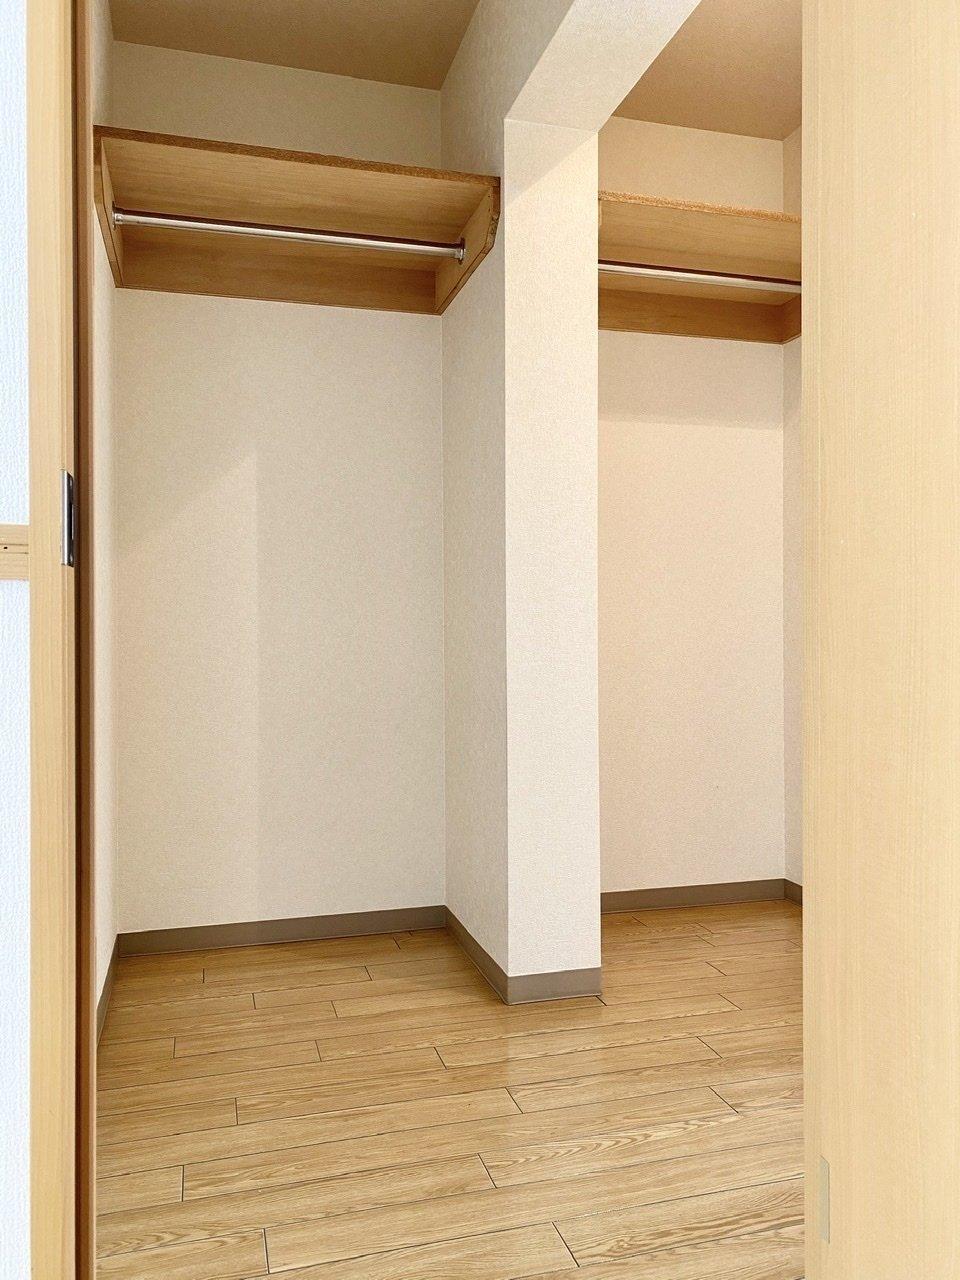 もう一つお部屋があるかのような広さのある、ウォークインクローゼット。二人暮らしも十分できそうな大きさです。